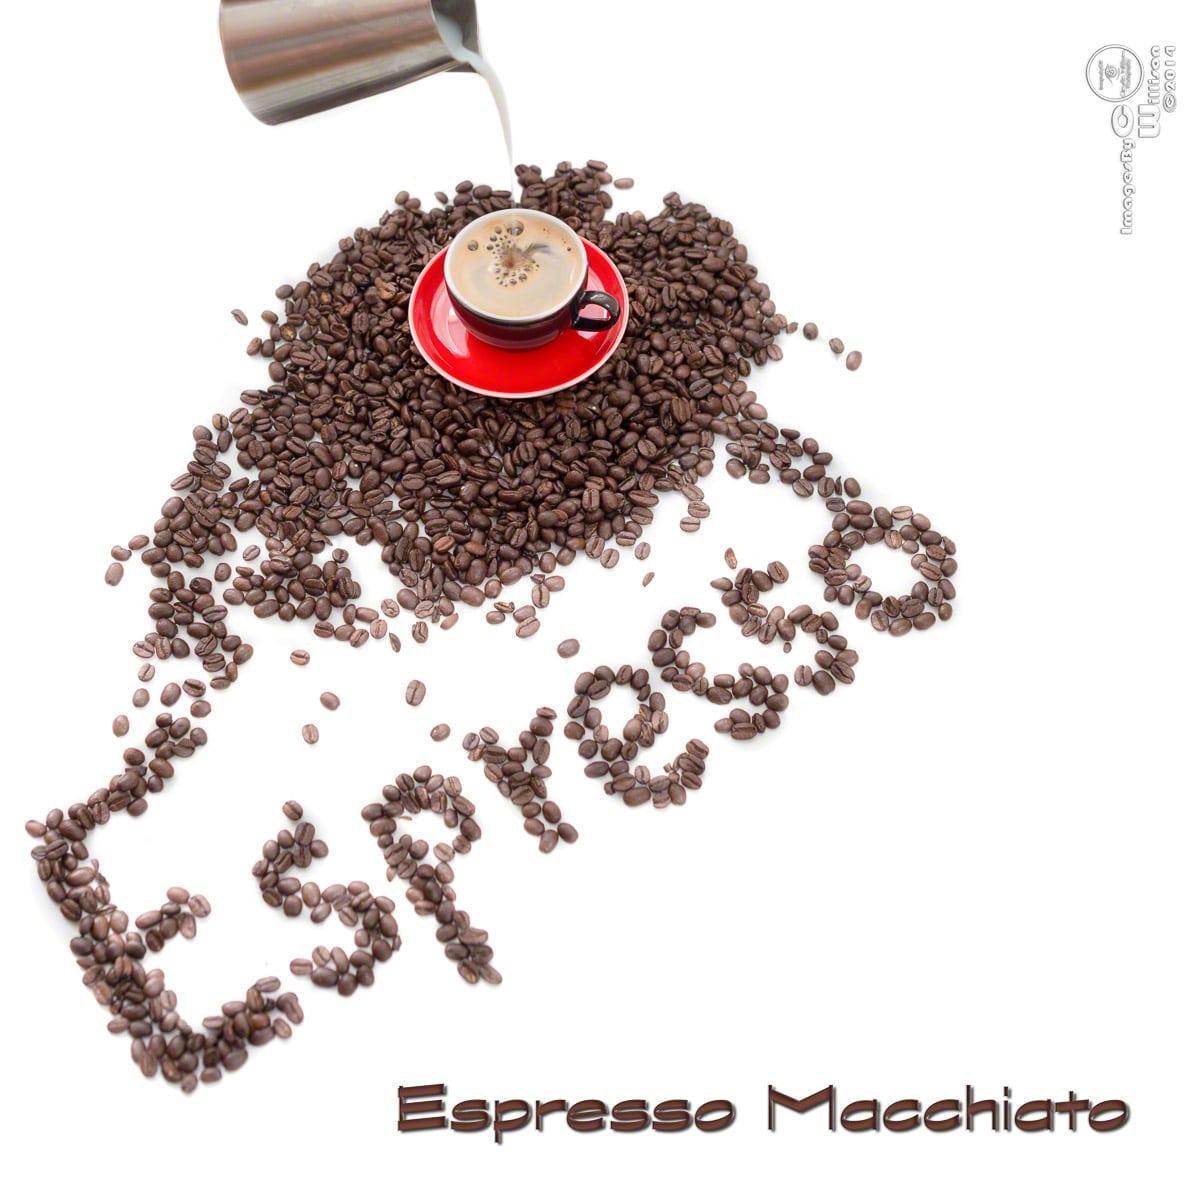 coffee, beans, espresso, macchiato